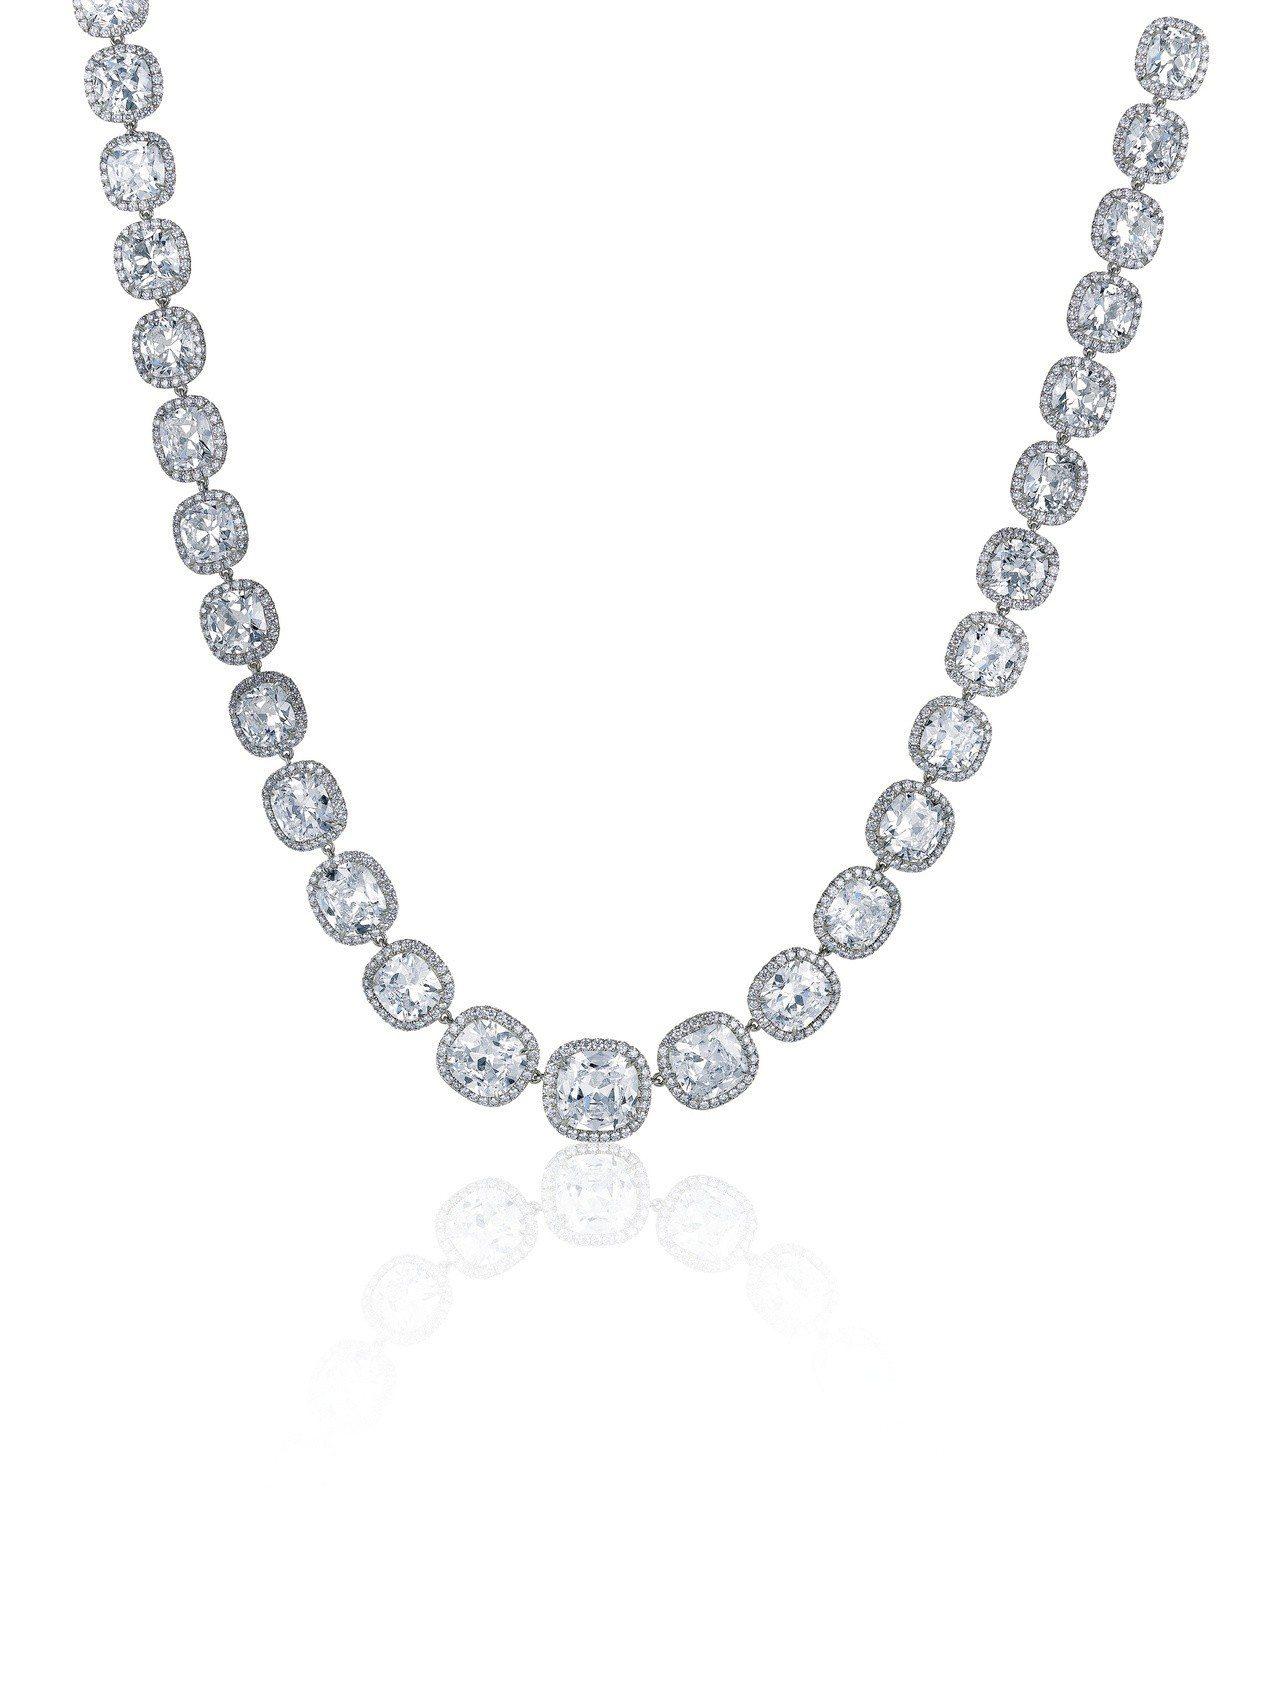 馬思純配戴的De Beers Aura 高級珠寶鑽石項鍊,共鑲嵌鑽石28.4克拉...